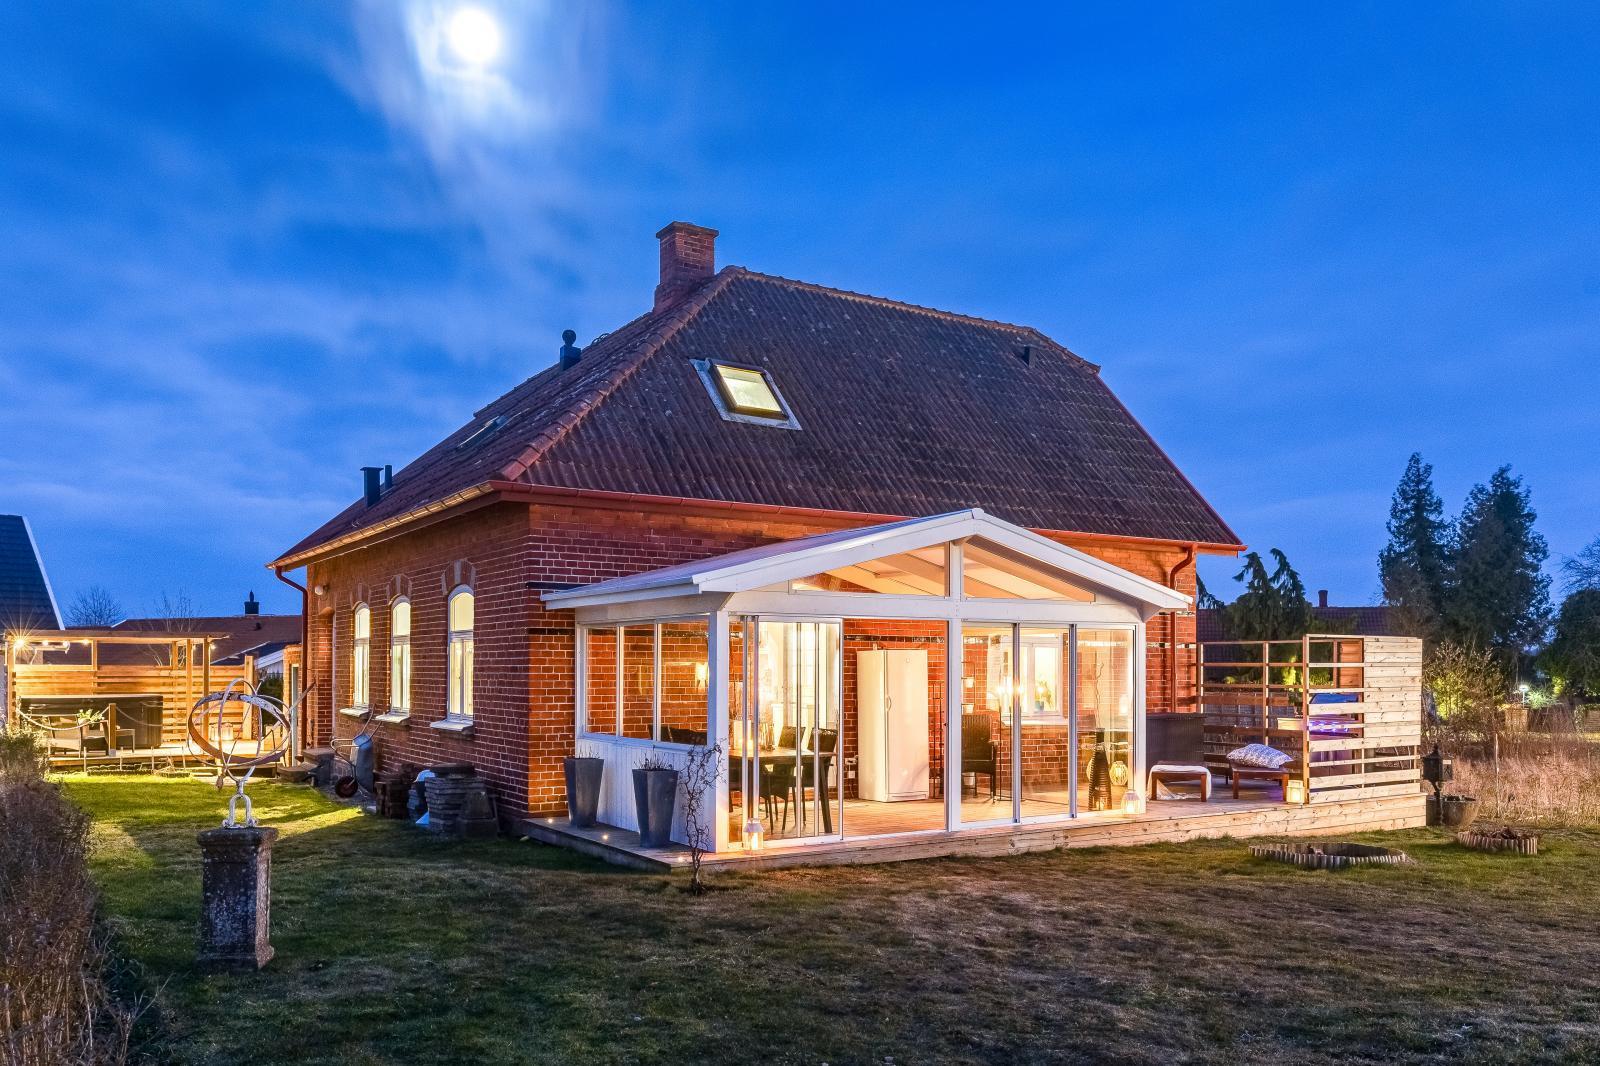 Denna sekelskiftsvilla klickades näst mest i Malmö vecka 9.